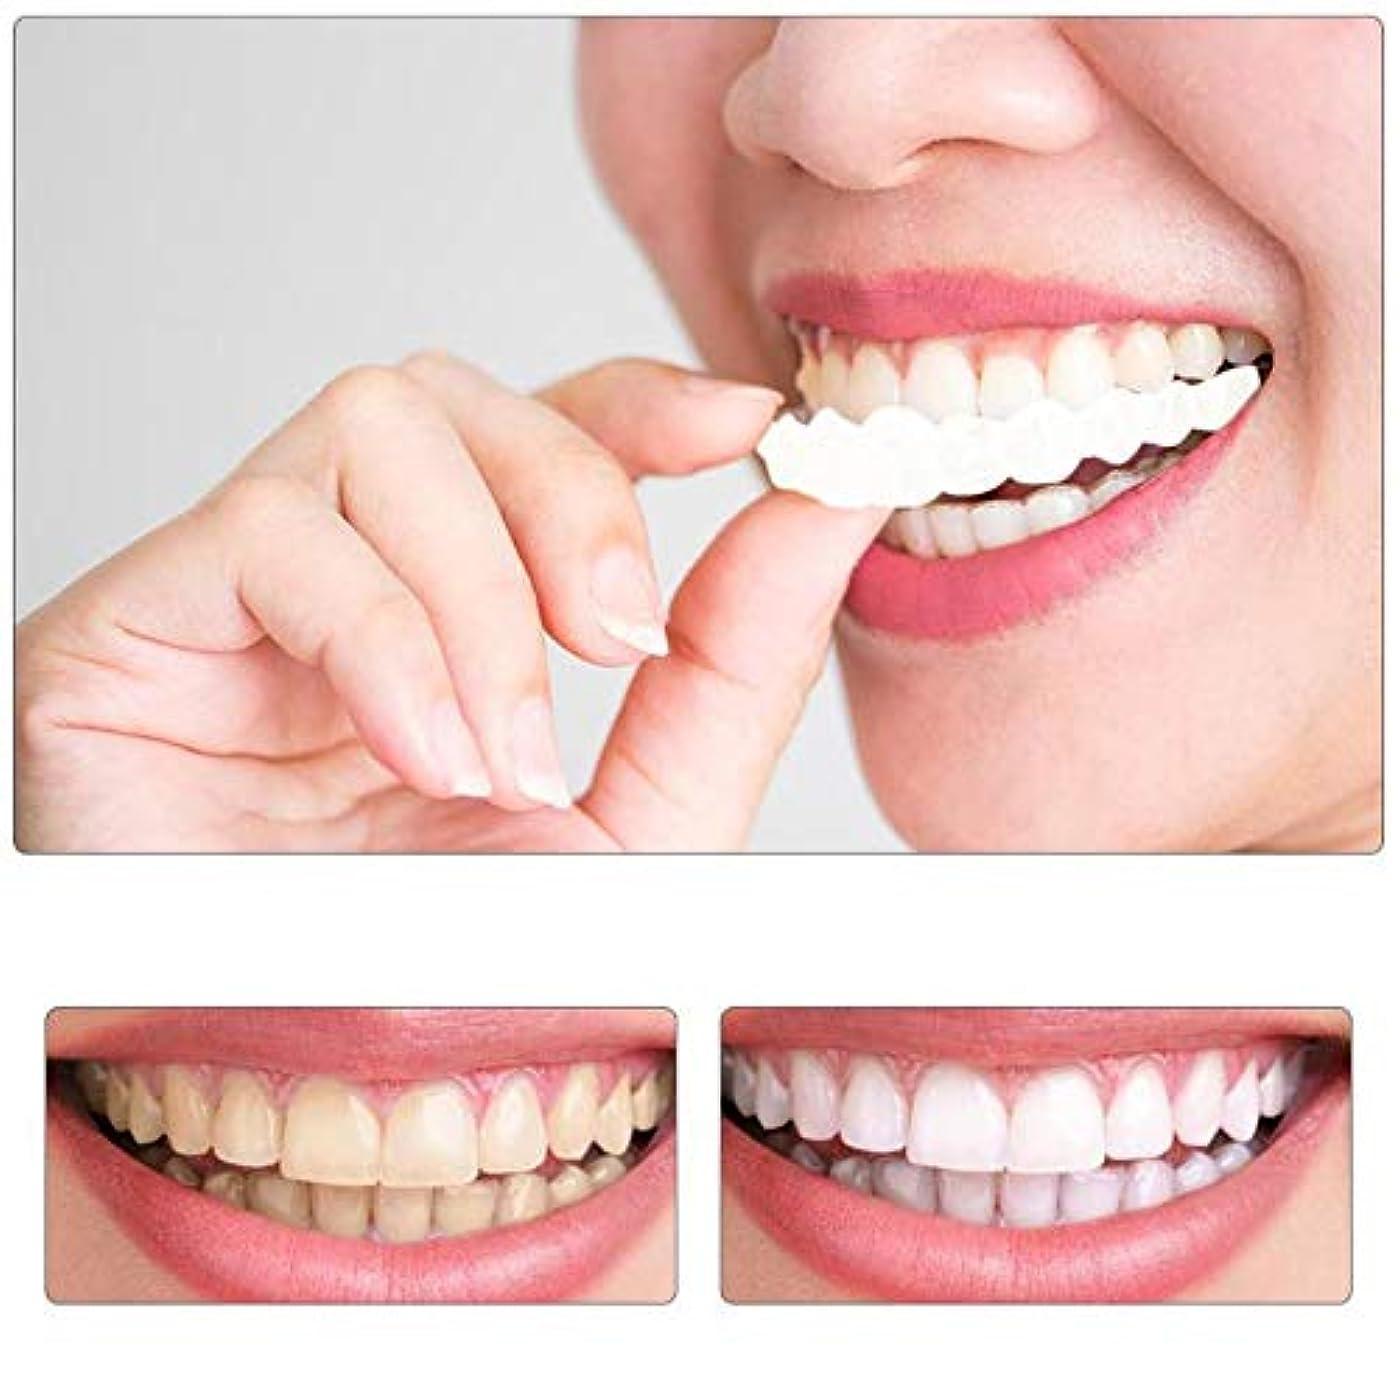 免疫定常ペルメル1ペア偽歯上部偽偽歯カバースナップオン即時歯化粧品義歯ケアオーラルケアプラスチックホワイトニング義歯